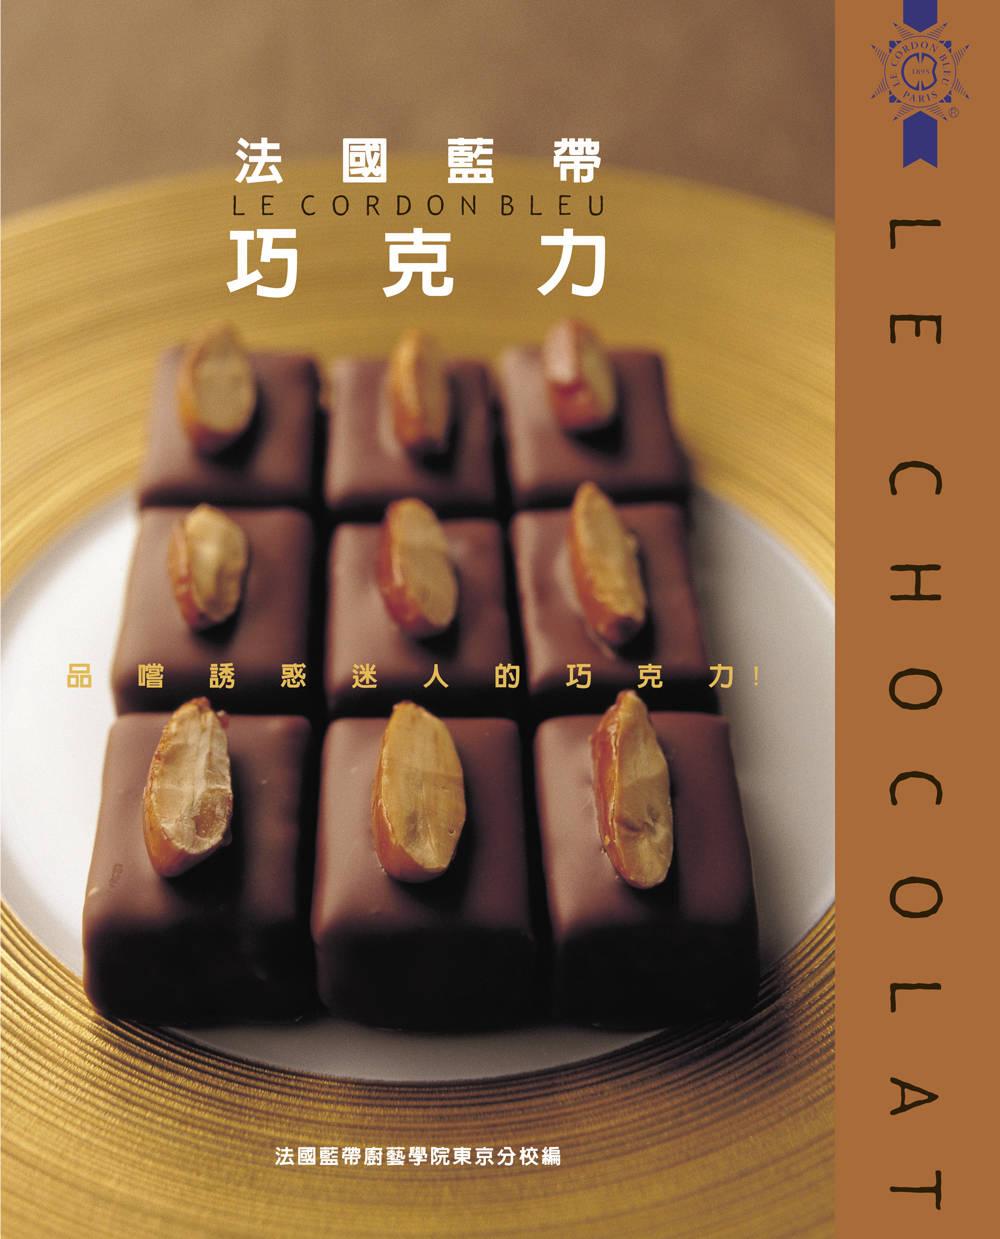 法國藍帶巧克力:品嚐誘惑迷人的巧克力!